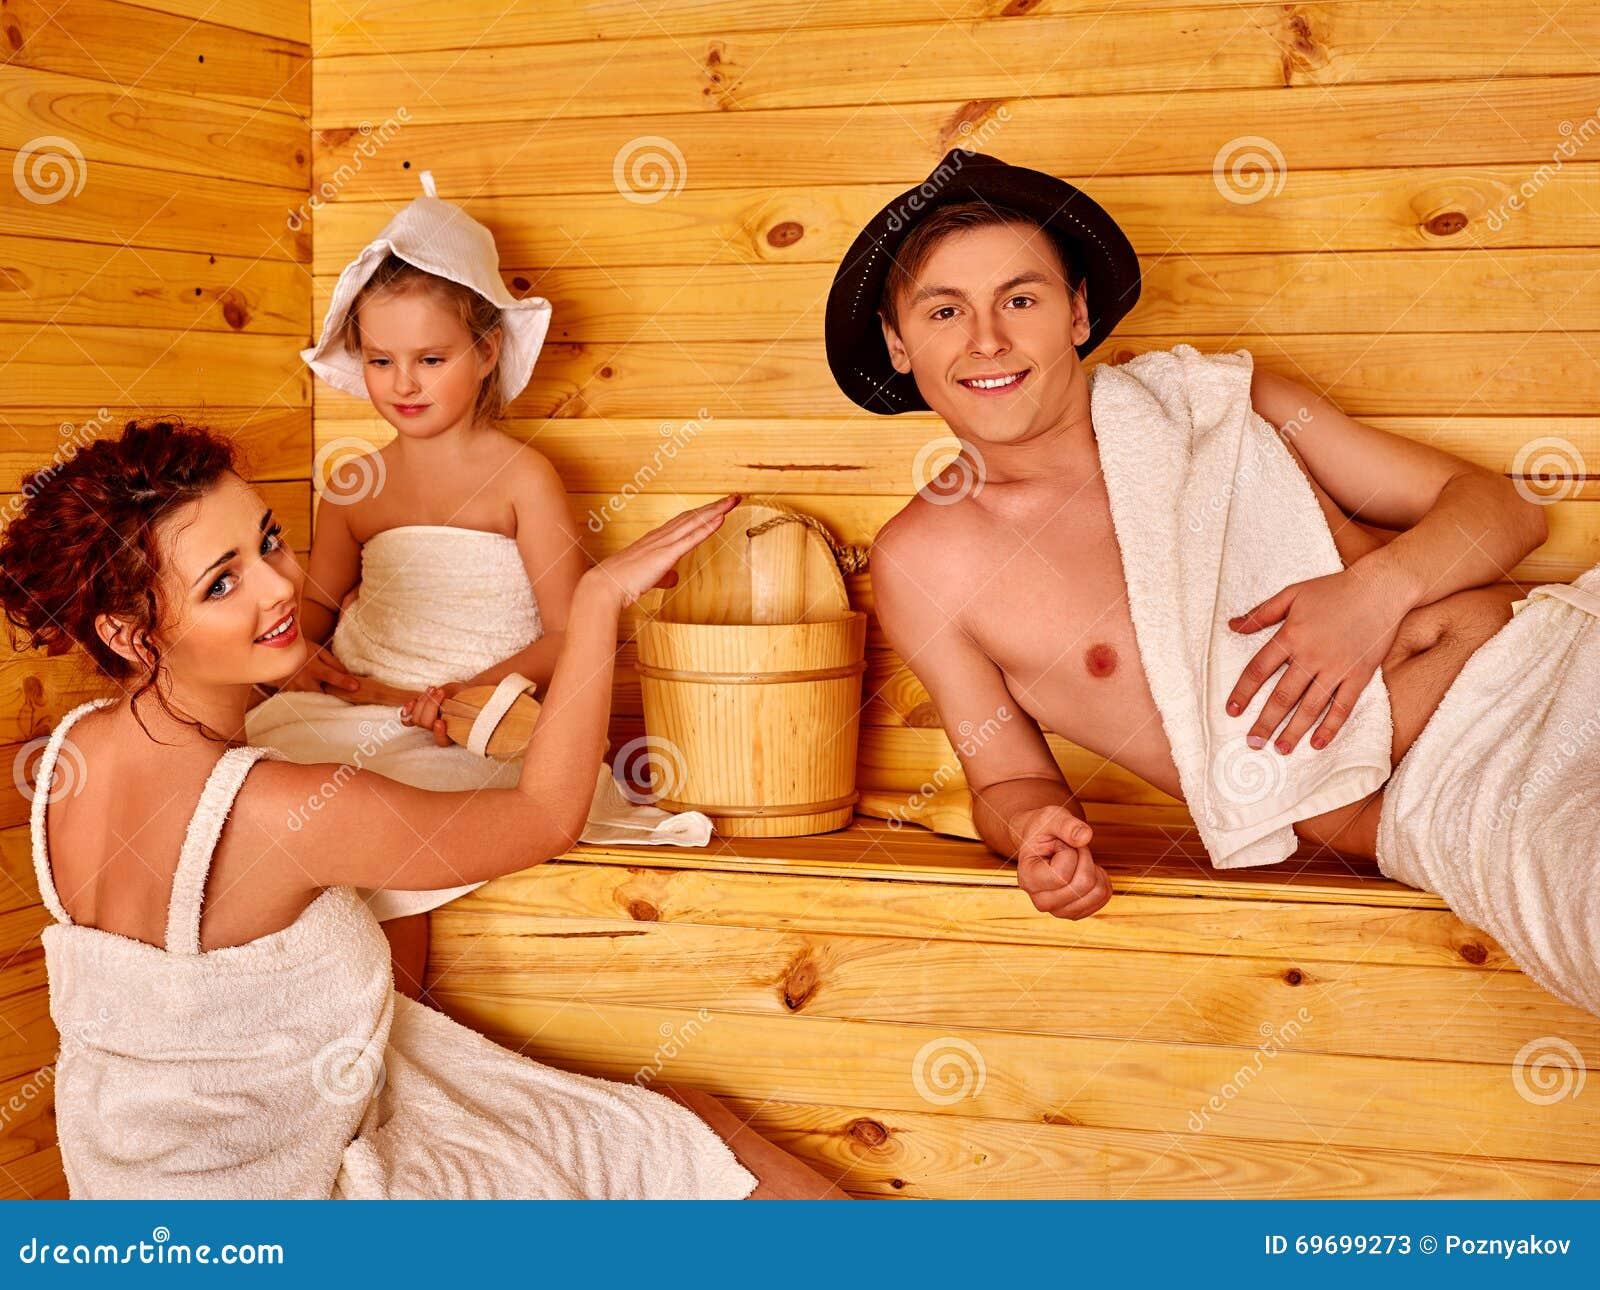 В бане семьи фото, одногруппницу видео в чулках порно